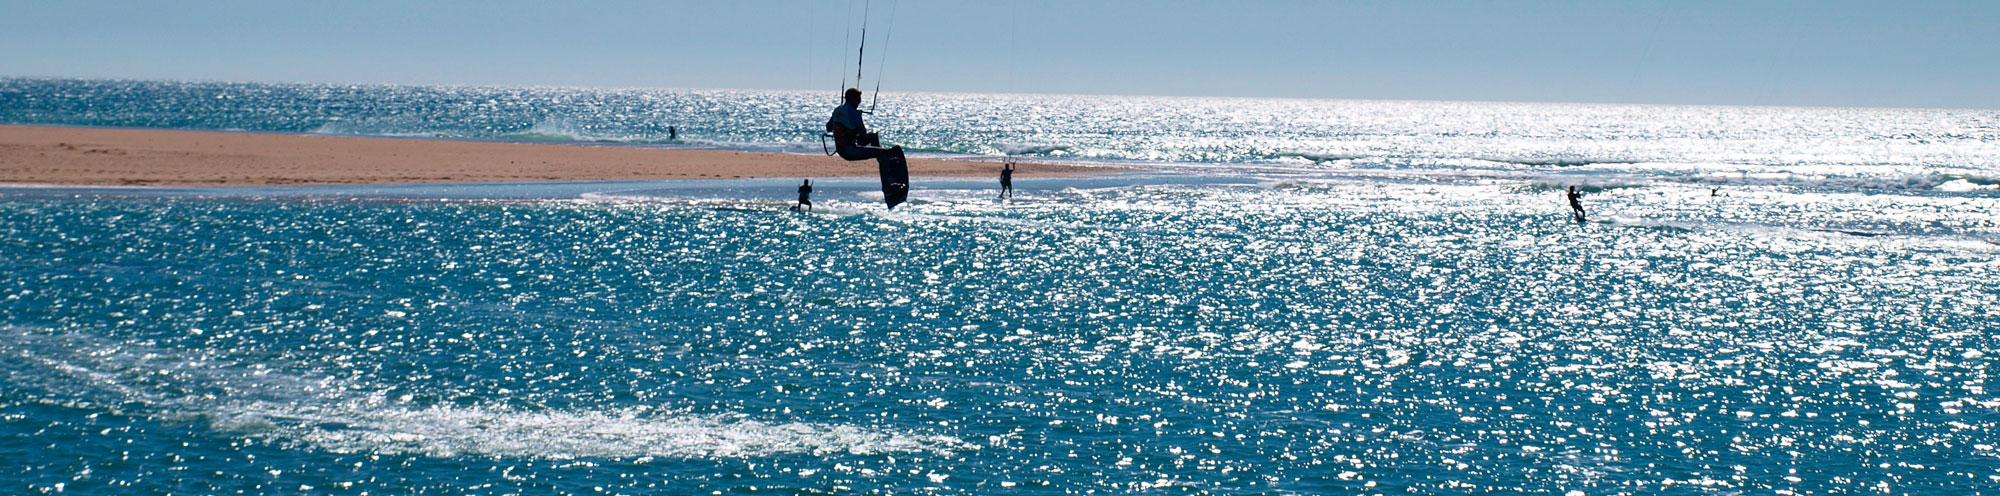 Salto kitesurfing en el río Salado - Conil